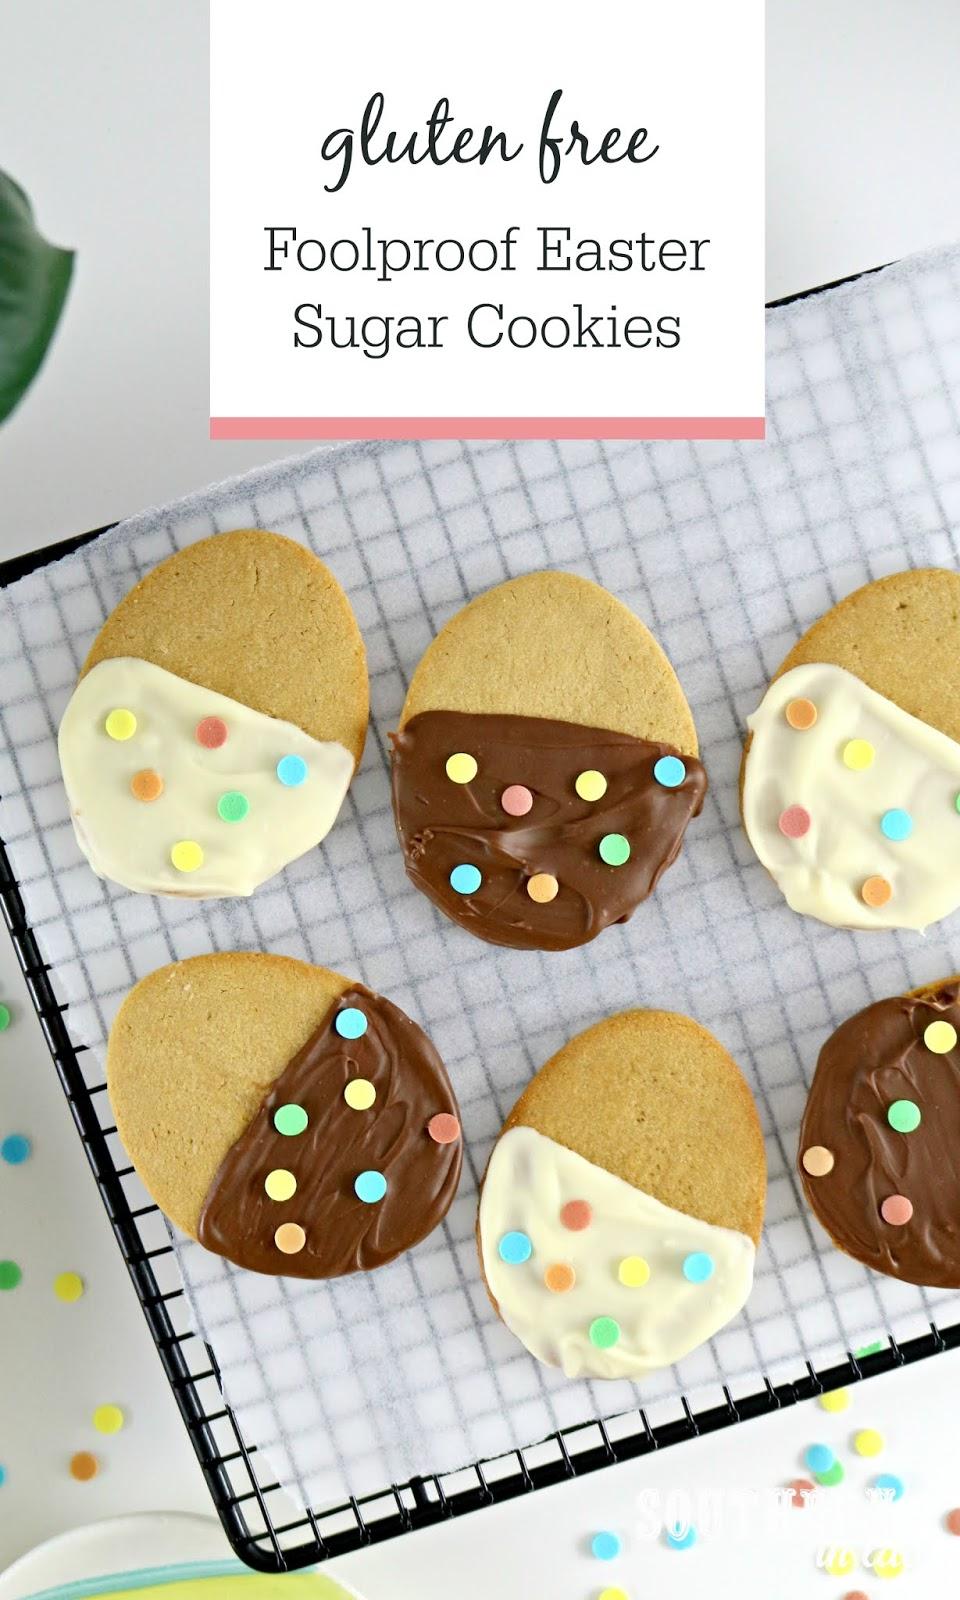 Foolproof Gluten Free Easter Sugar Cookies